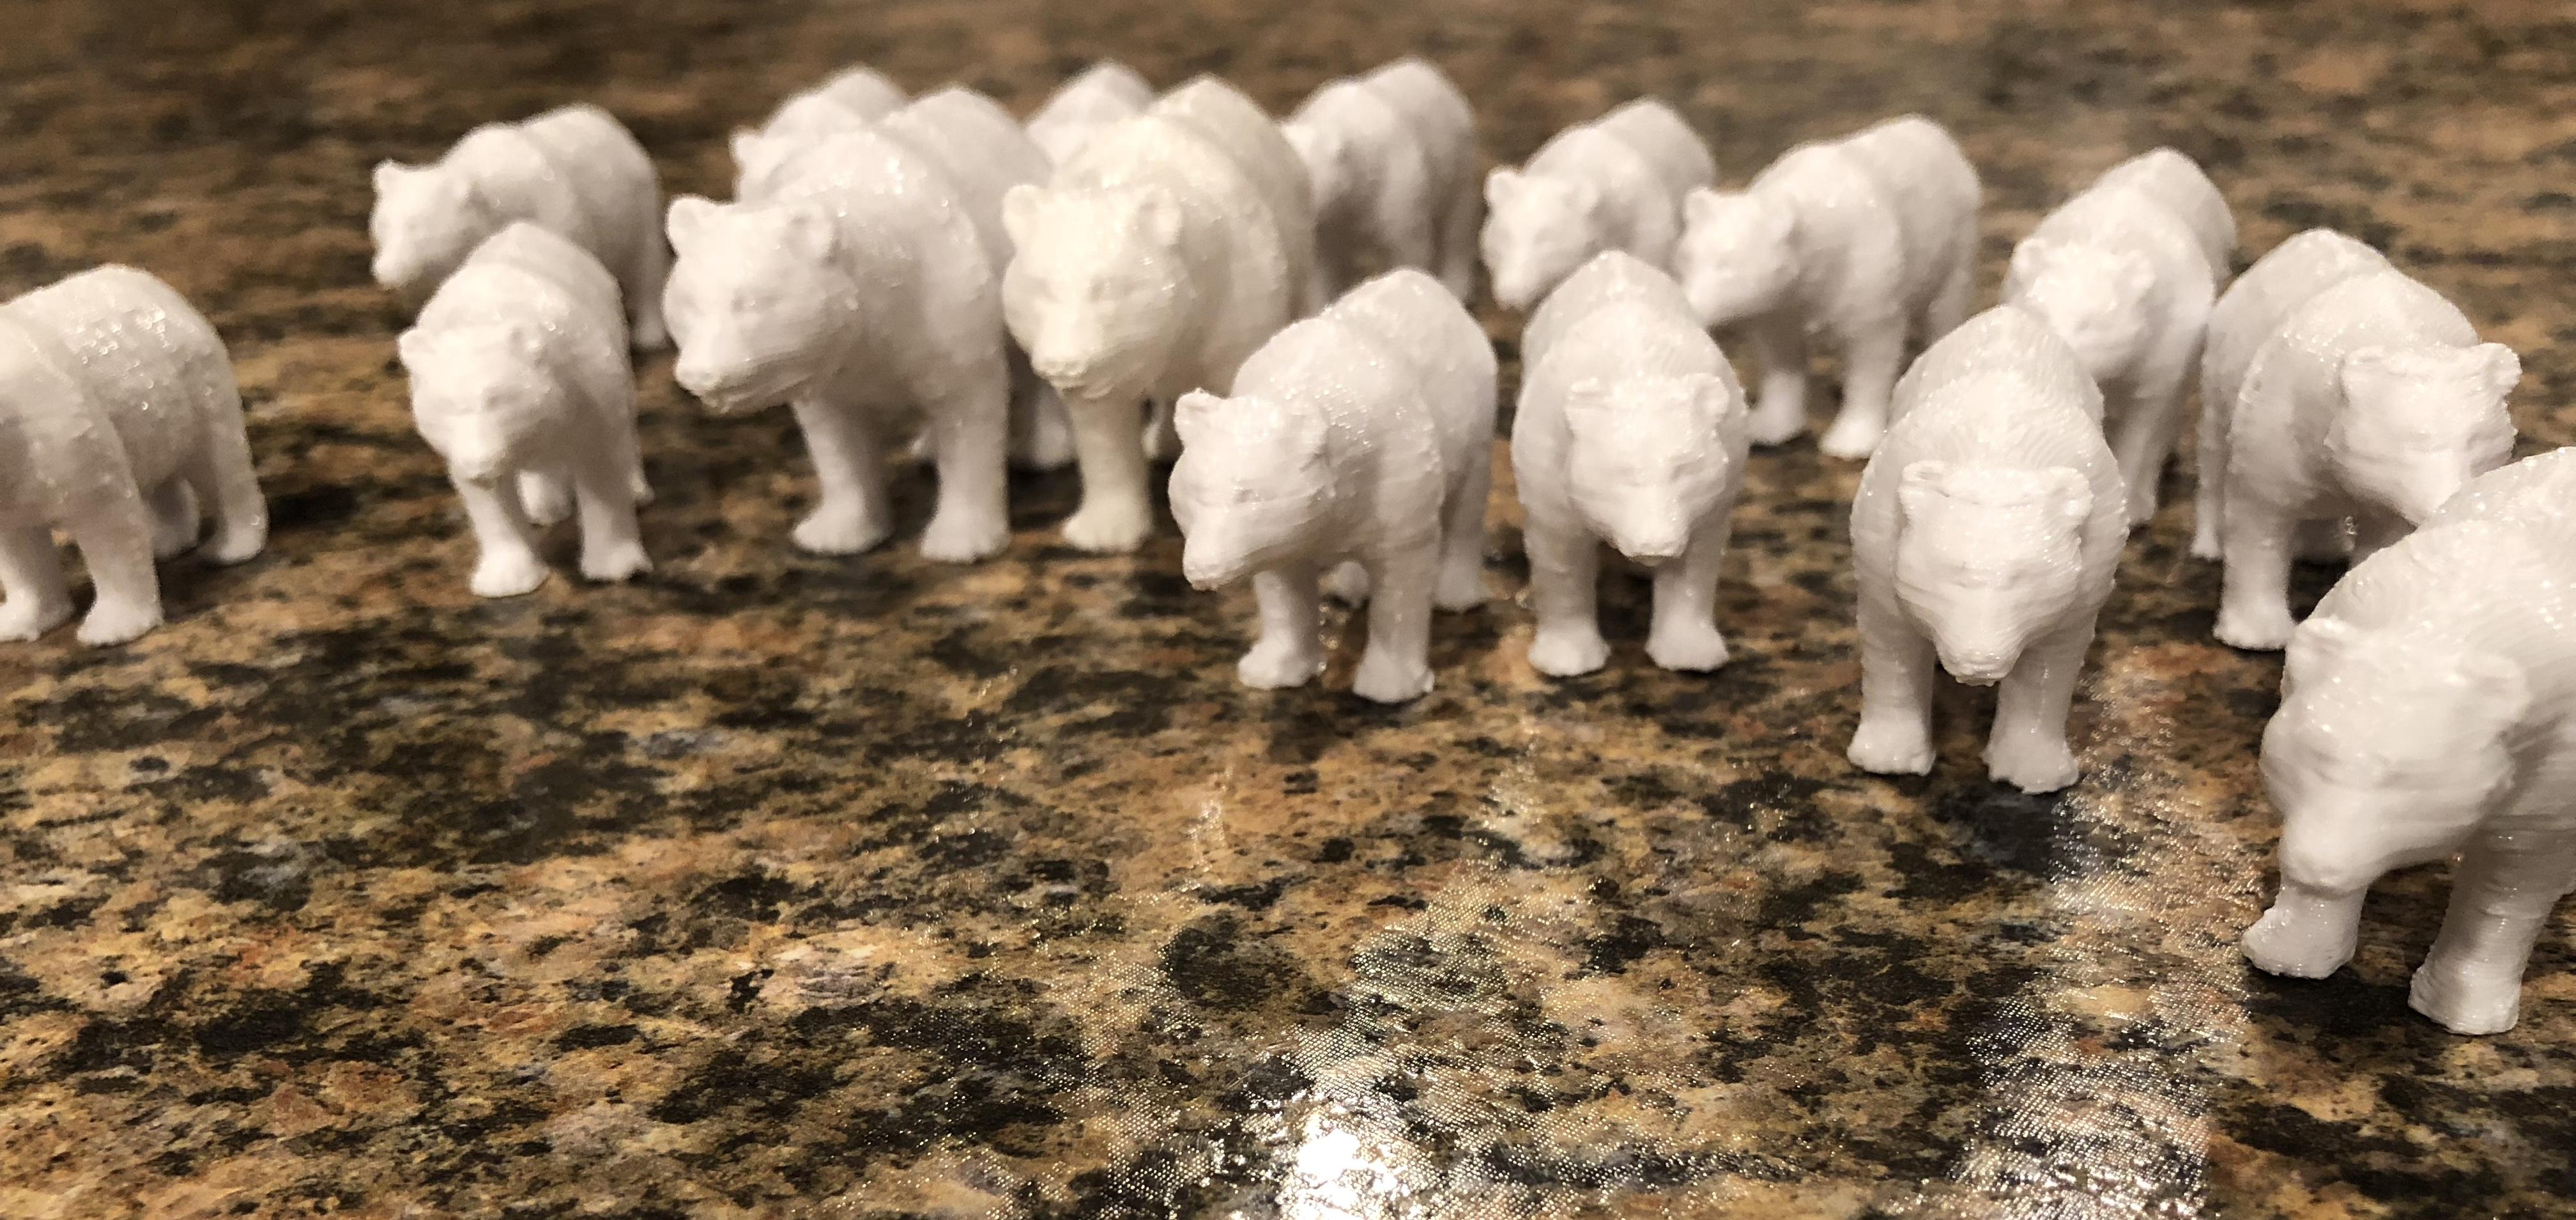 3D printed bears